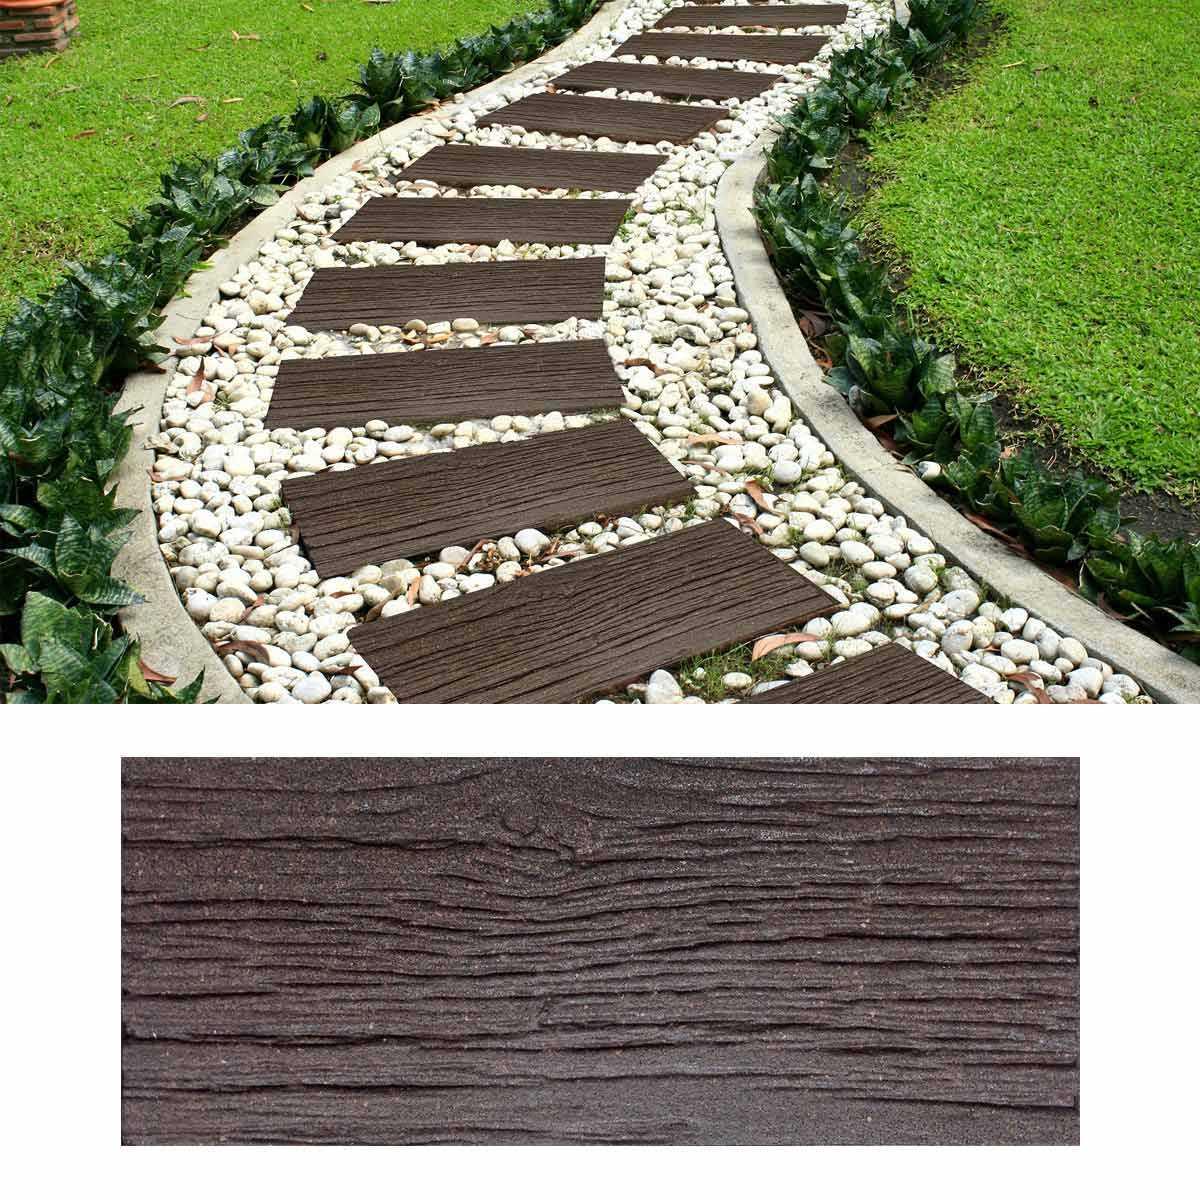 Dalle Extérieure Imitation Bois - Caoutchouc Recyclé 25X60Cm intérieur Faire Une Allée De Jardin Avec Des Dalles